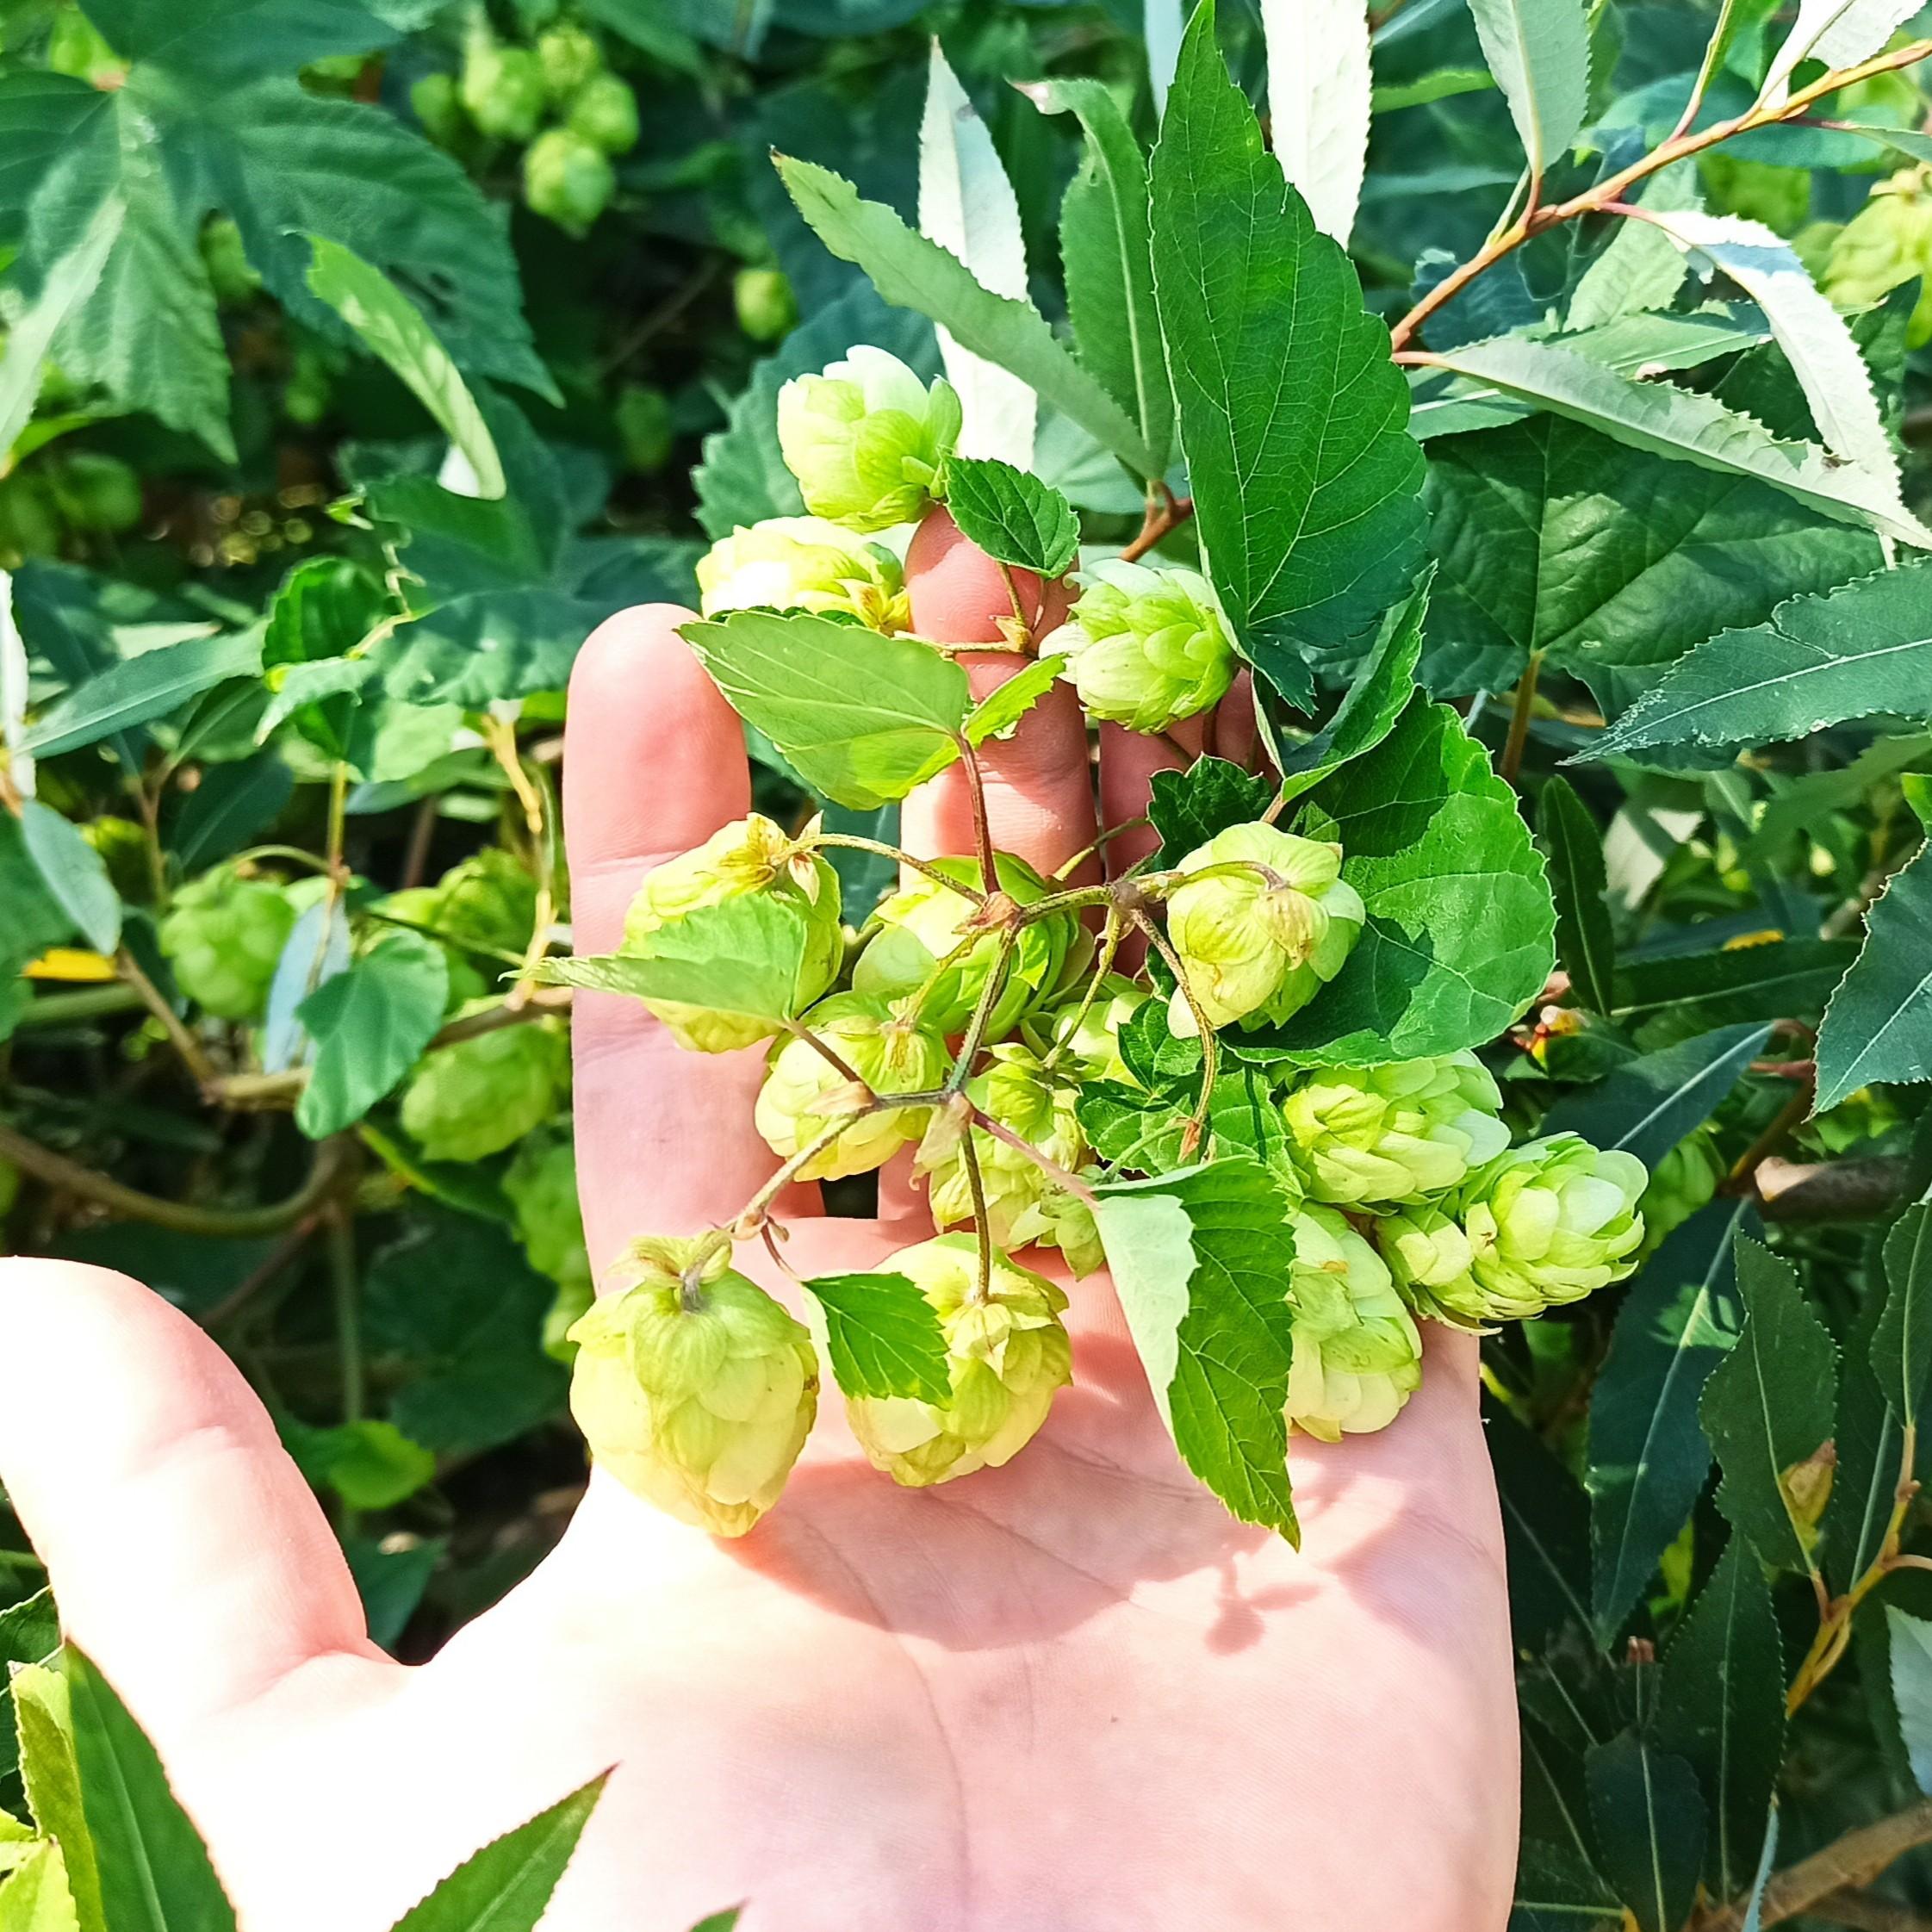 Шишки хмеля купить шмель, крымские травы, krym-trava.ru Крым-трава